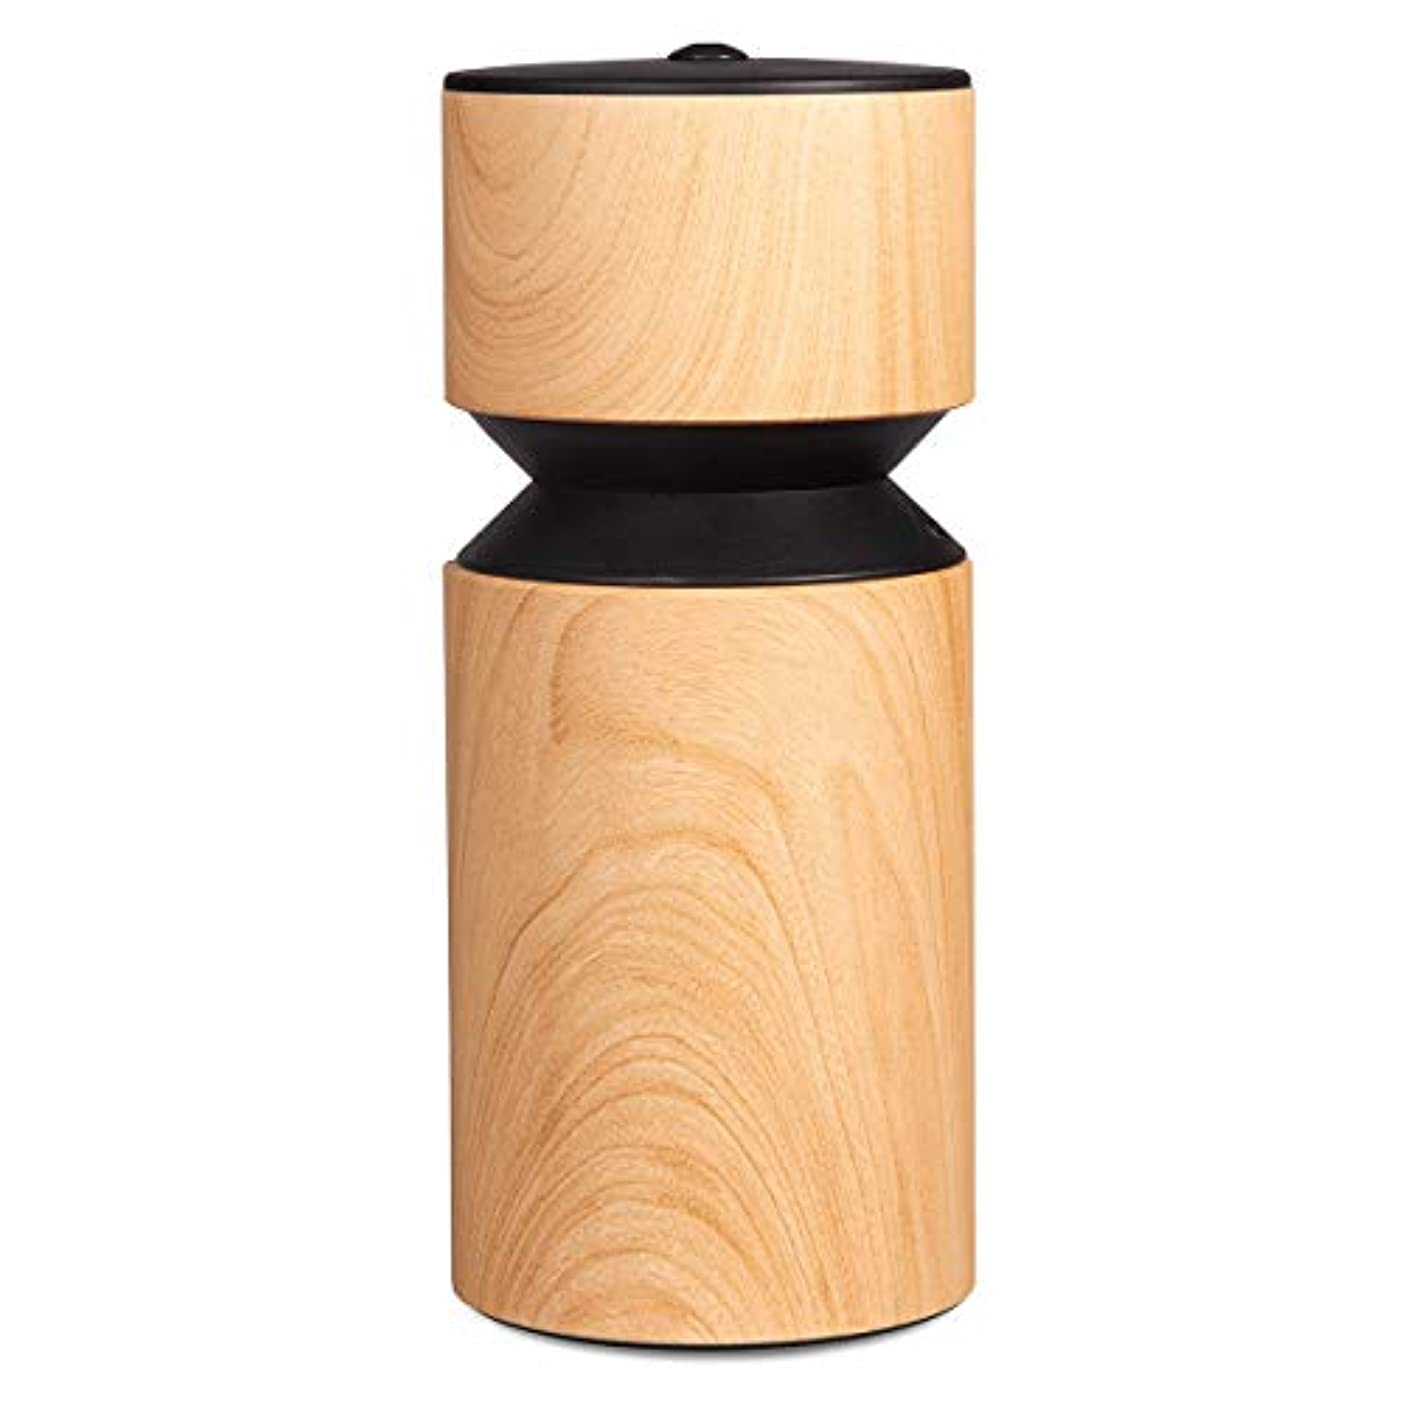 バーベキュー試用安息アロマディフューザー 車内や家庭で使用 ネブライザー式 アロマライト 充電式で静か アロマバーナー S068W